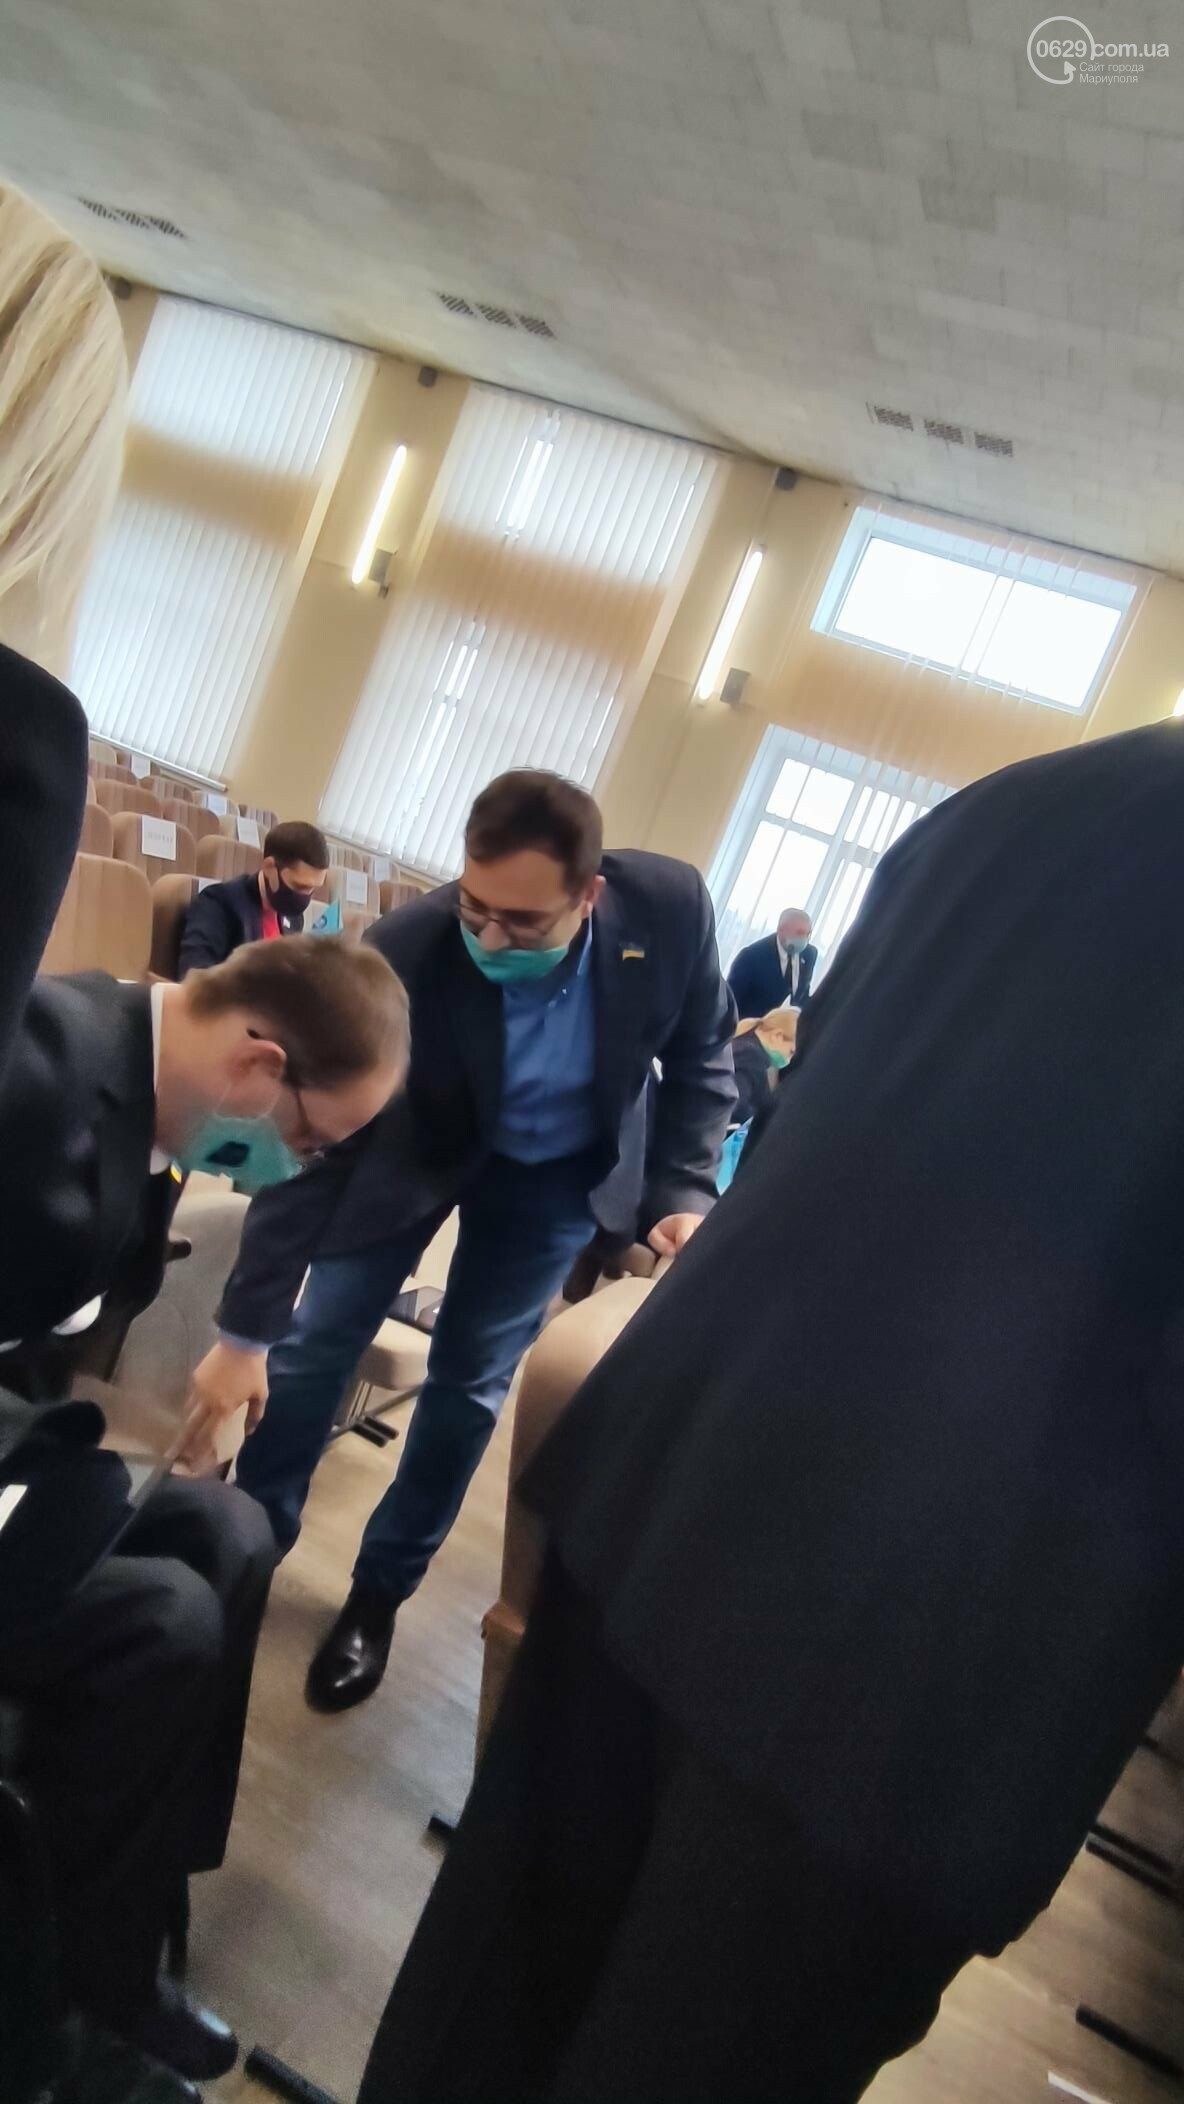 Скандал на сессии Мариупольского горсовета. ОПЗЖ выдавливает Блок Вадима Бойченко с насиженных мест, фото-6